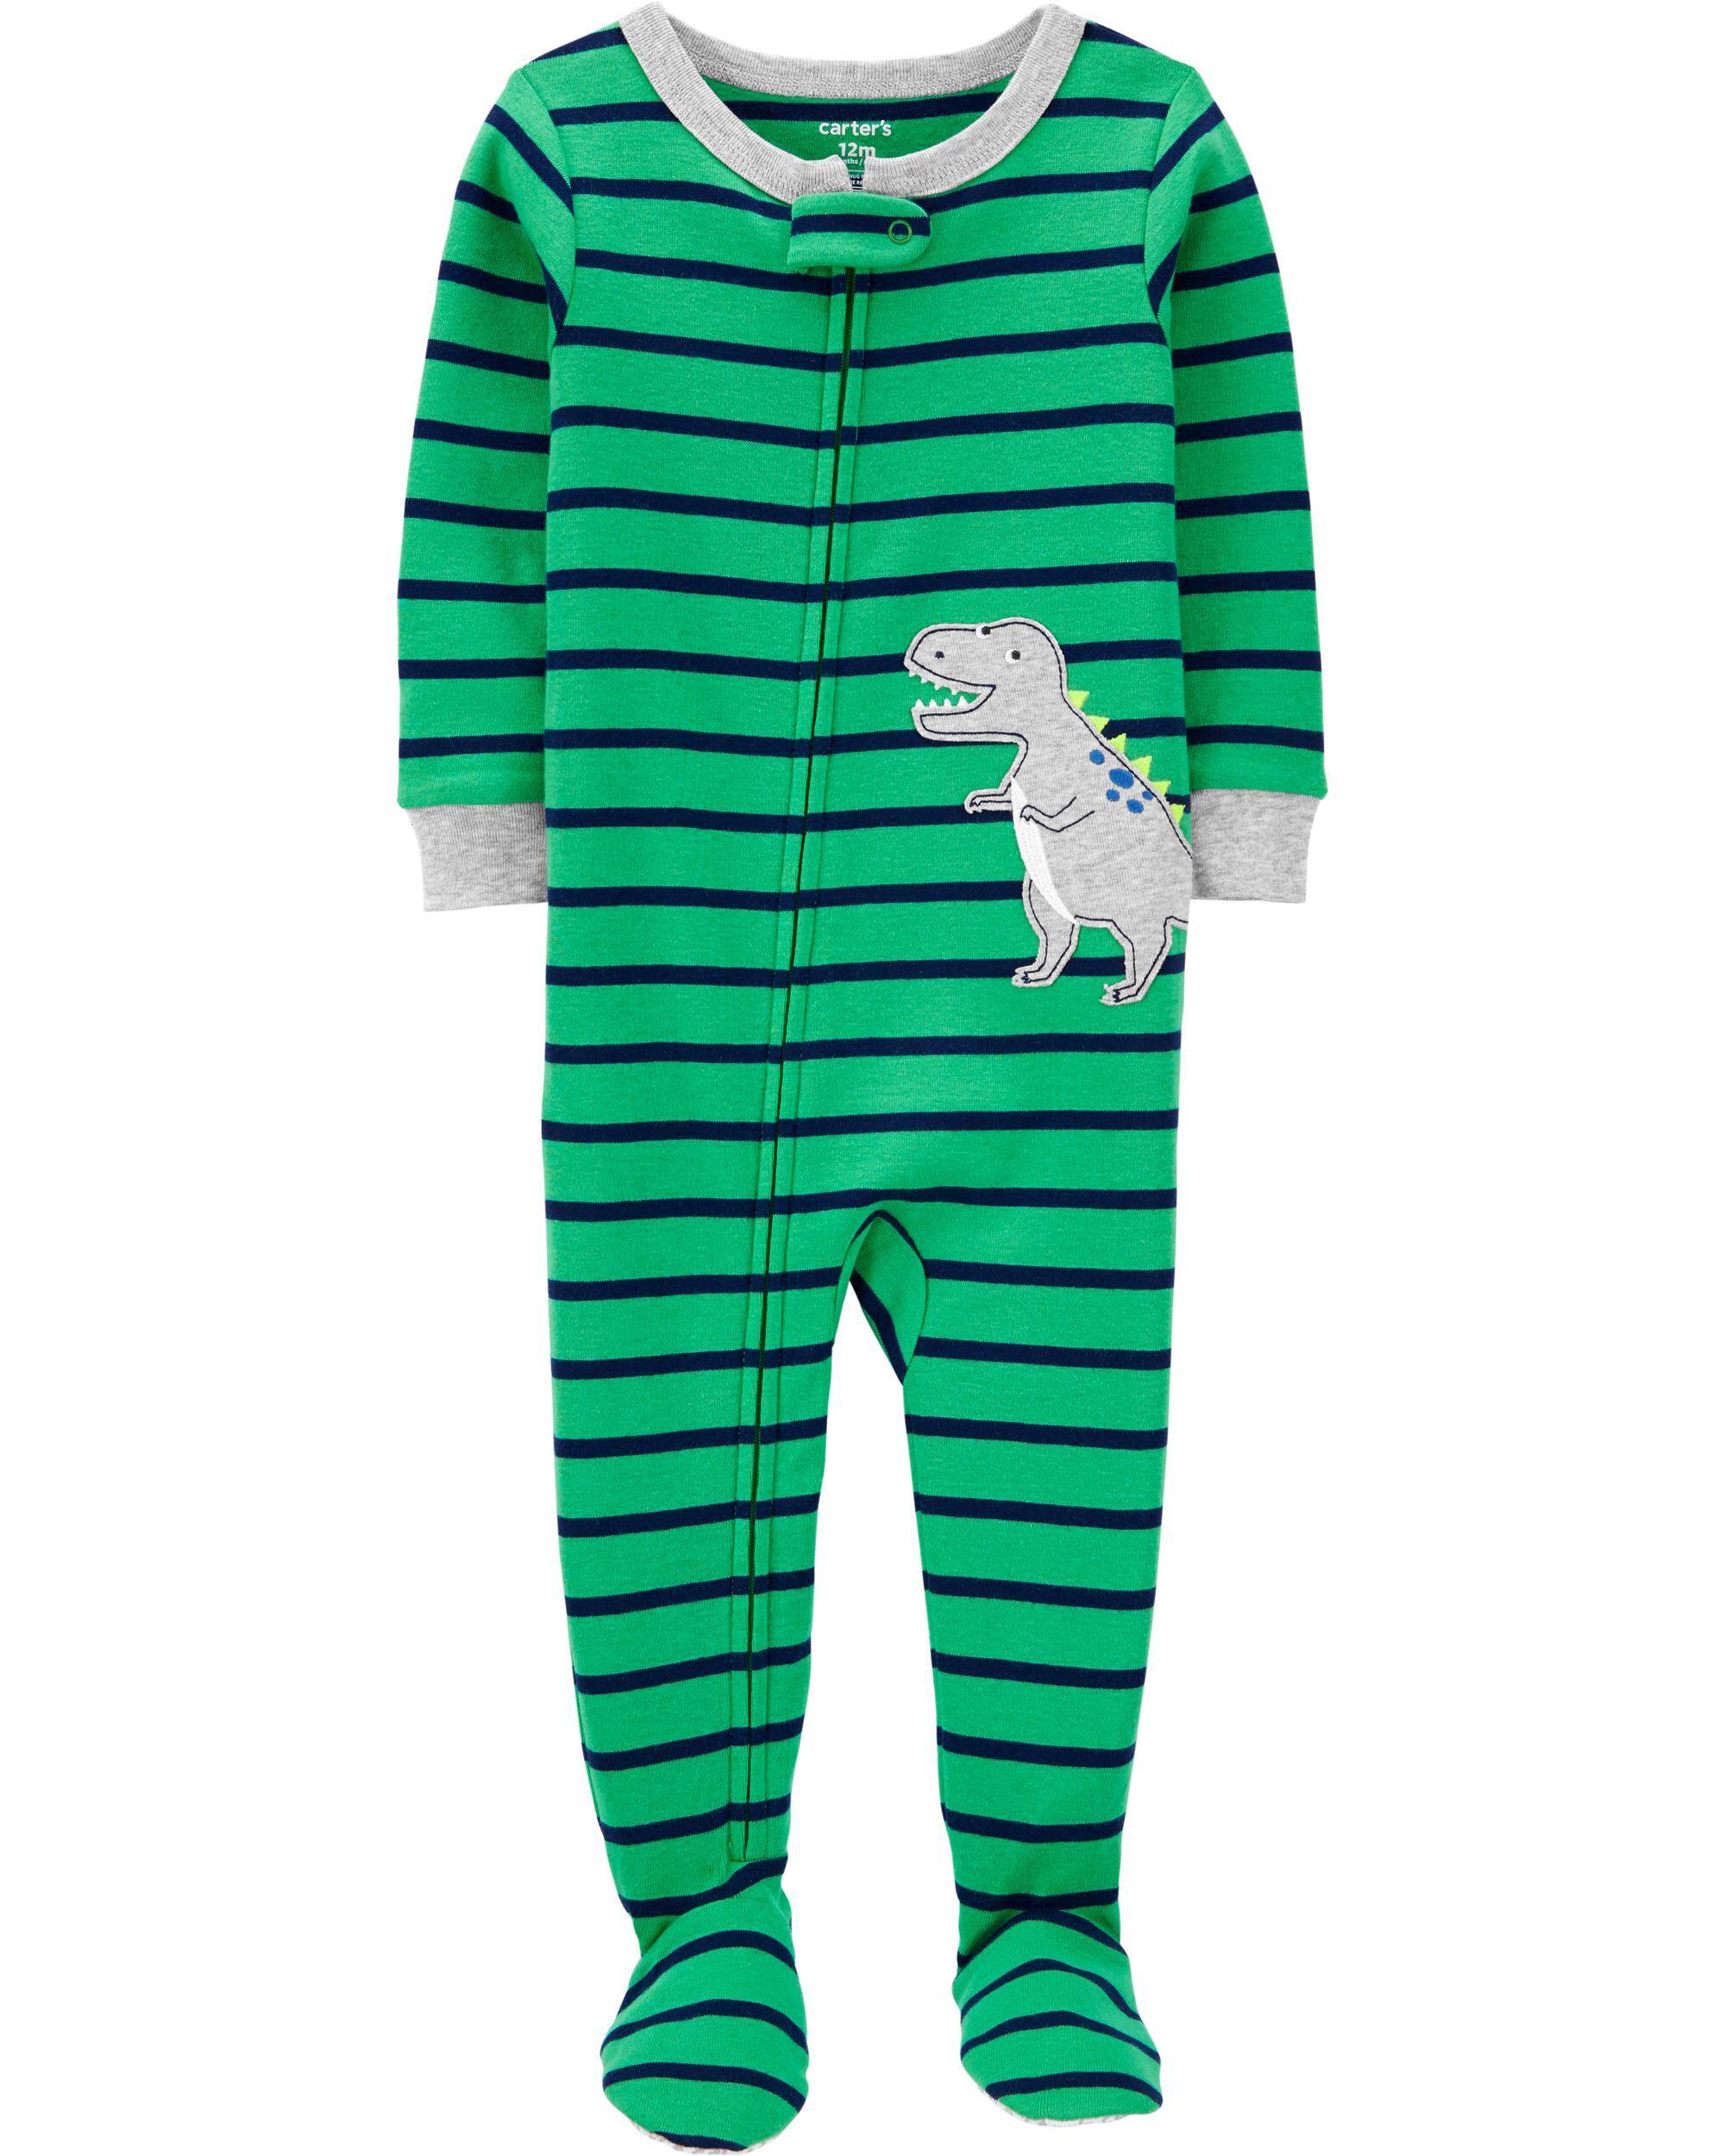 Carters Baby Boys 1Piece Snug Fit Cotton Pajama Dino White//Navy 24M